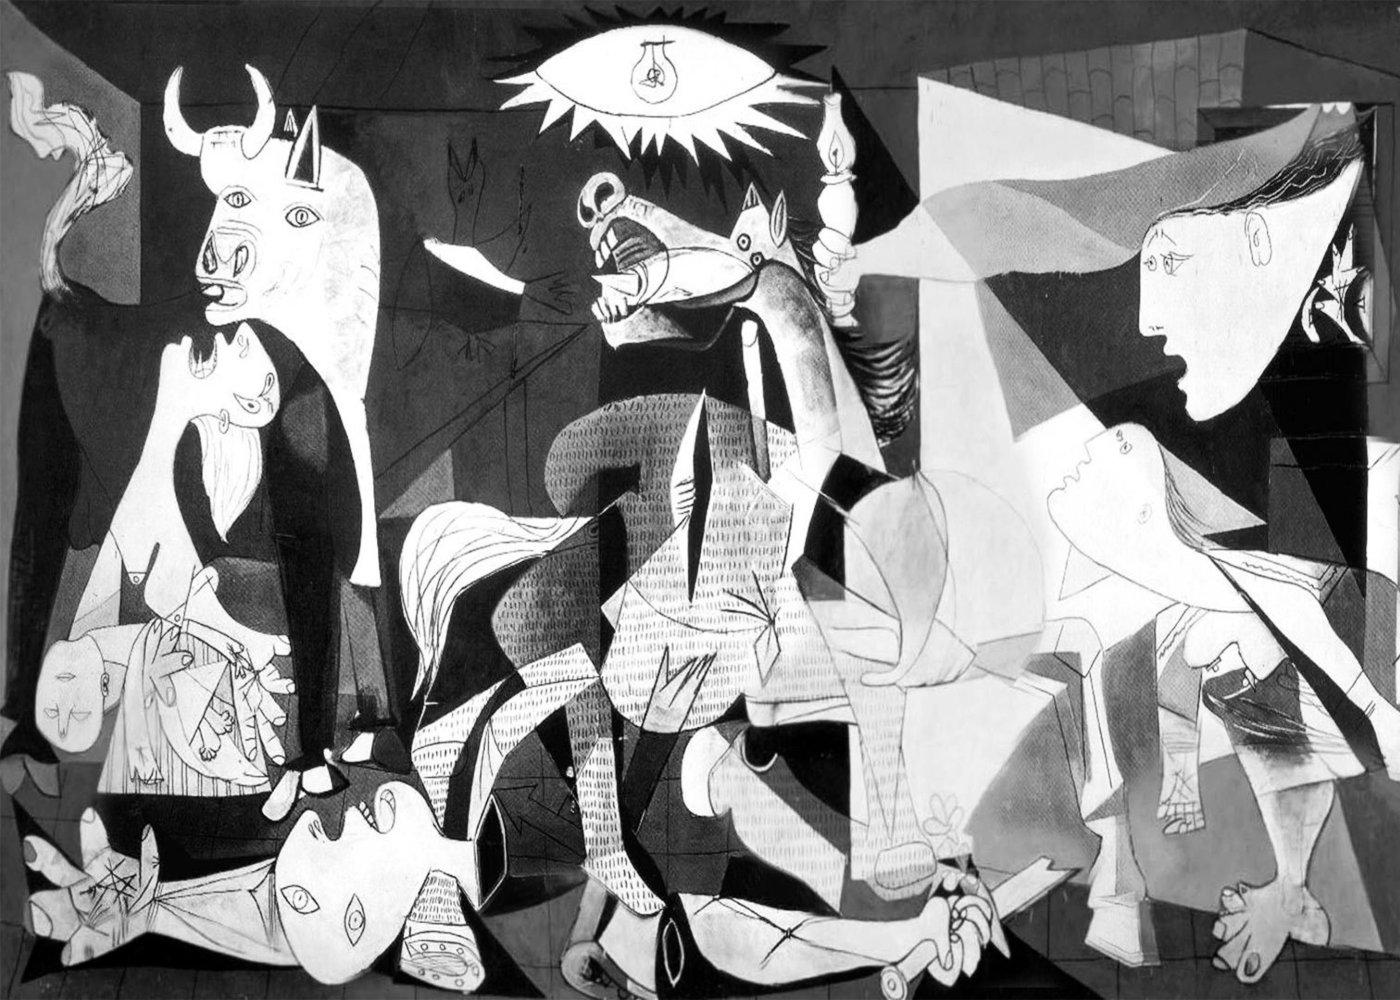 Quadro de Guernica no País basco pintado por Picasso